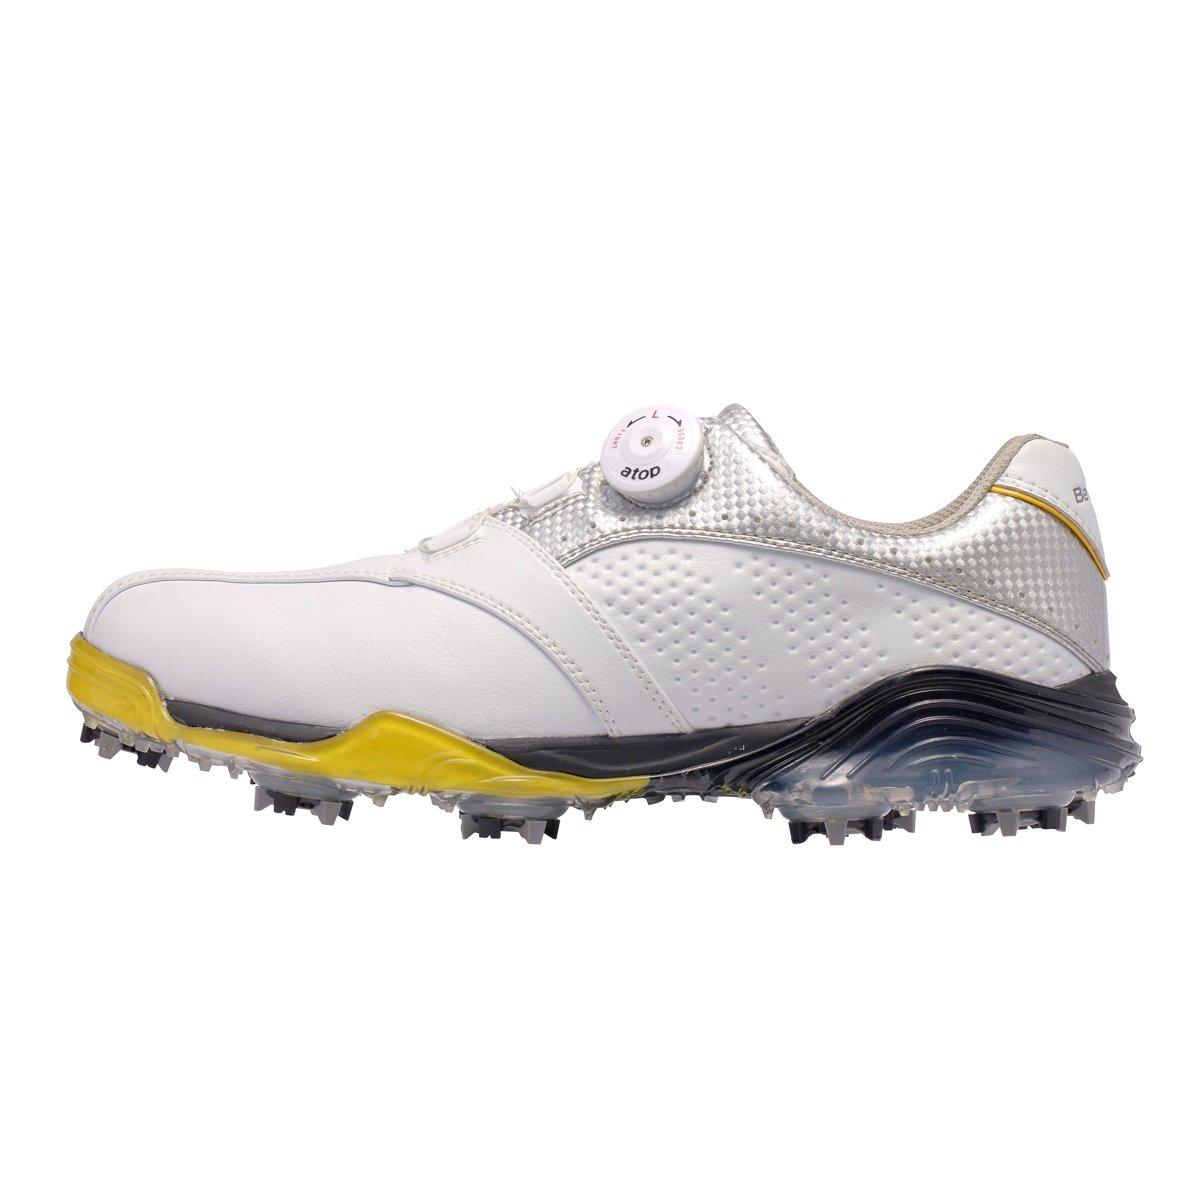 本間ゴルフ Be ZEAL メンズ スポーツモデル ダイヤルシューズ ホワイト/シルバー 27cm 3E SS-1602 原産国:中国 素材:甲(人工皮革) 、底(EVAスポンジ/TPU)   B077HCYJ4J